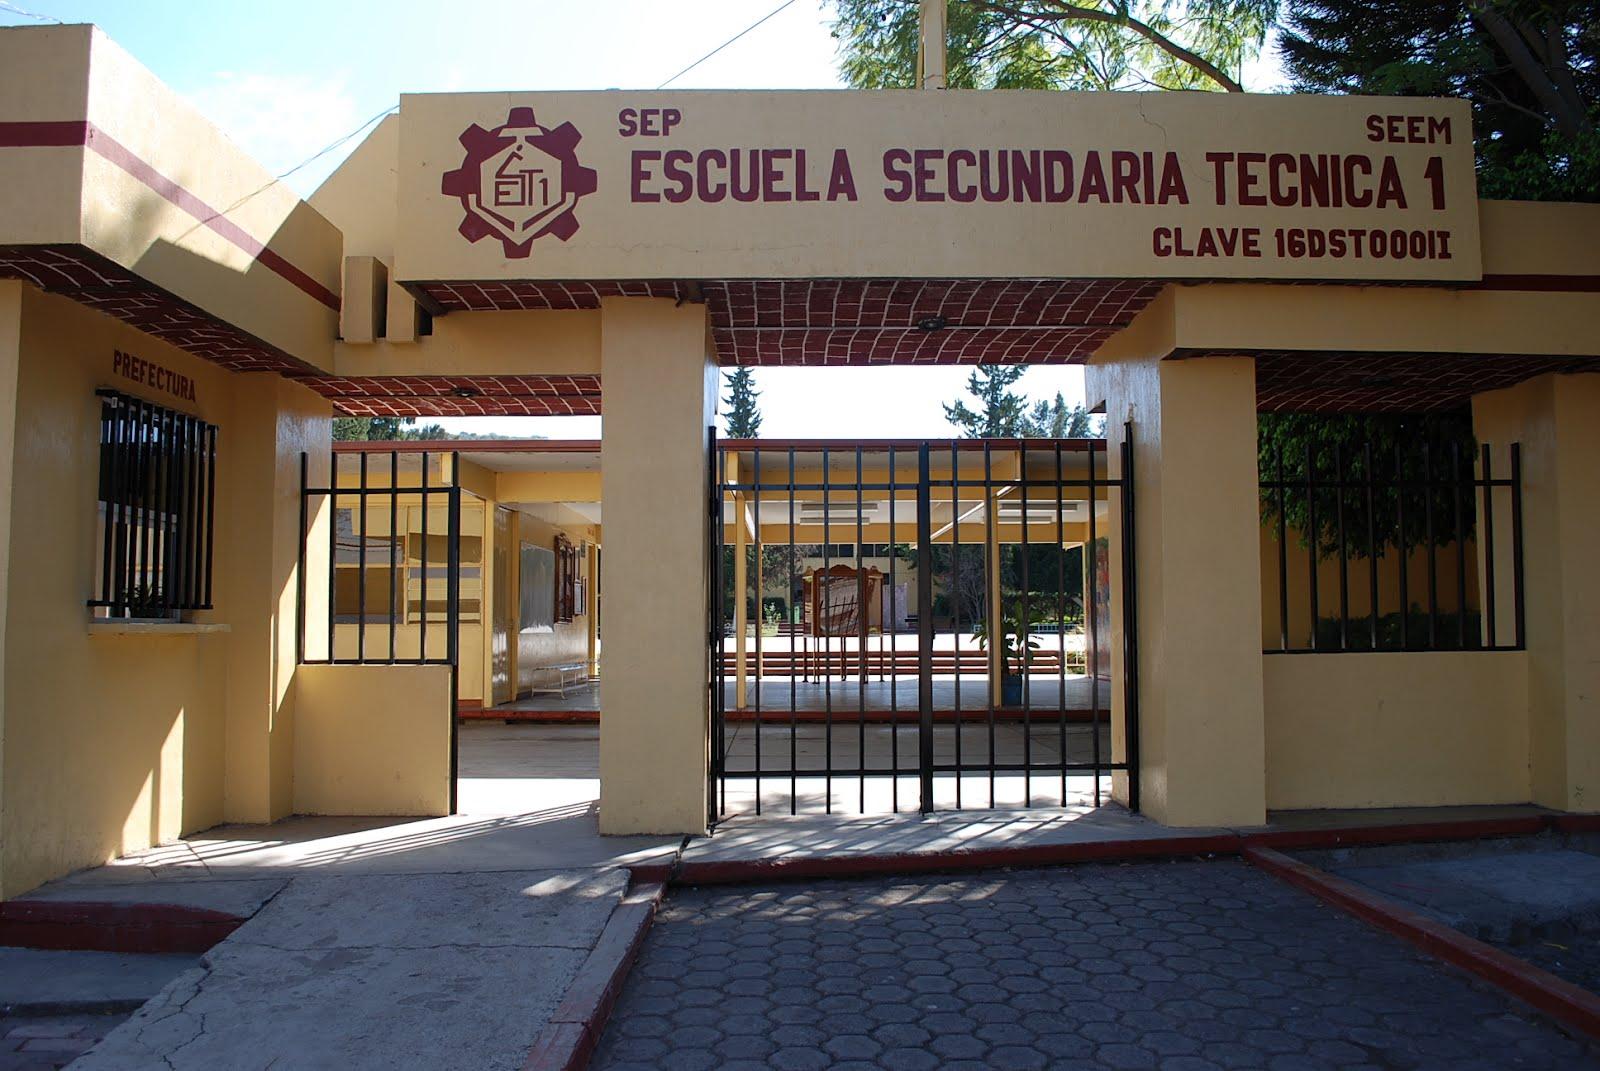 Escuela Secundaria Técnica 1